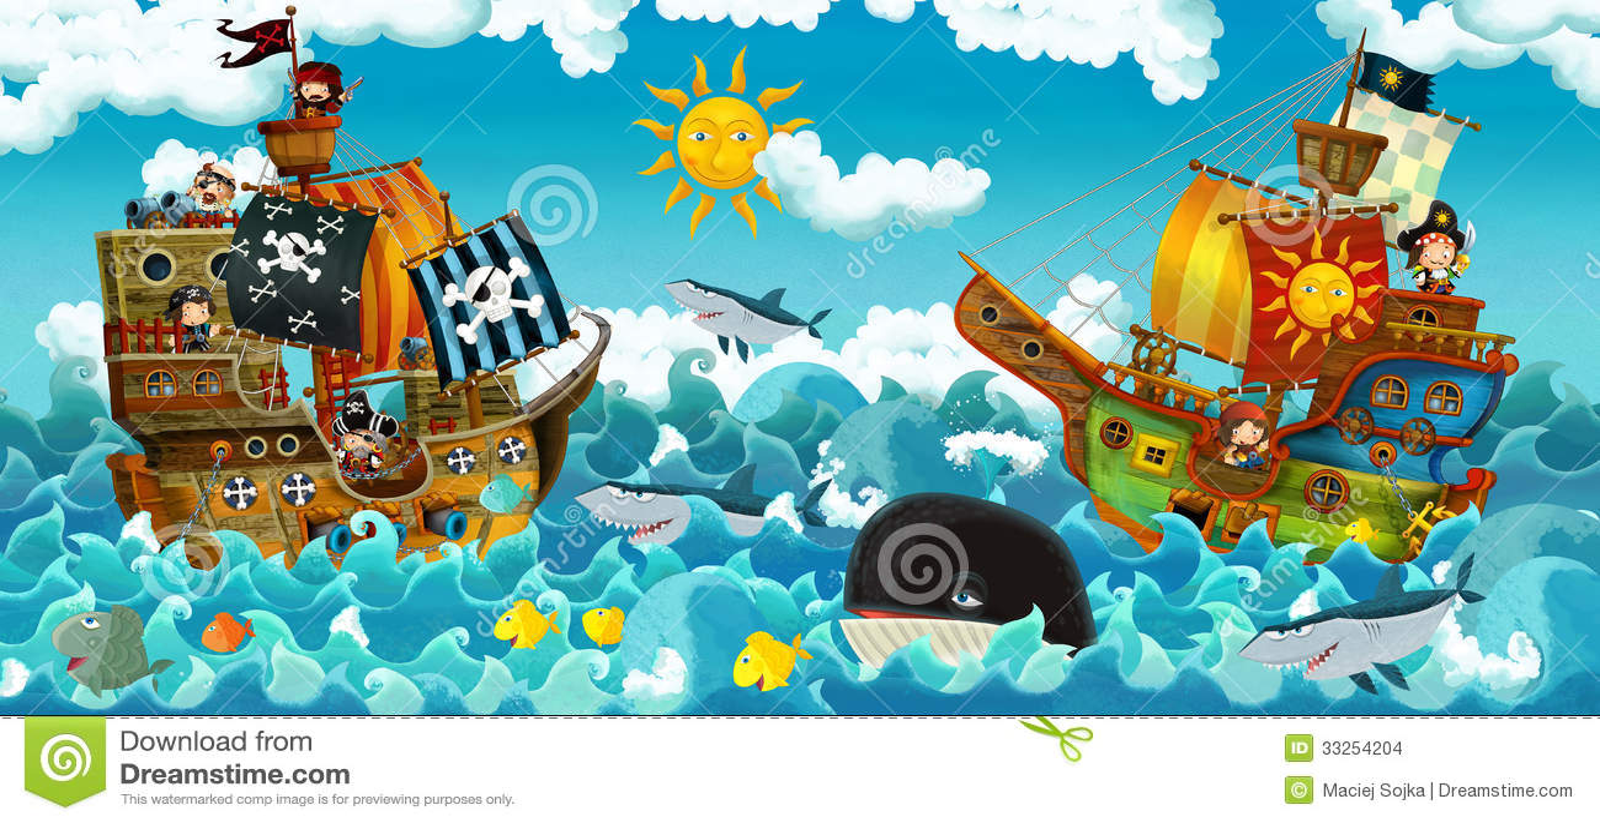 Die Piraten auf der Seeschlacht - Illustration für die Kinder